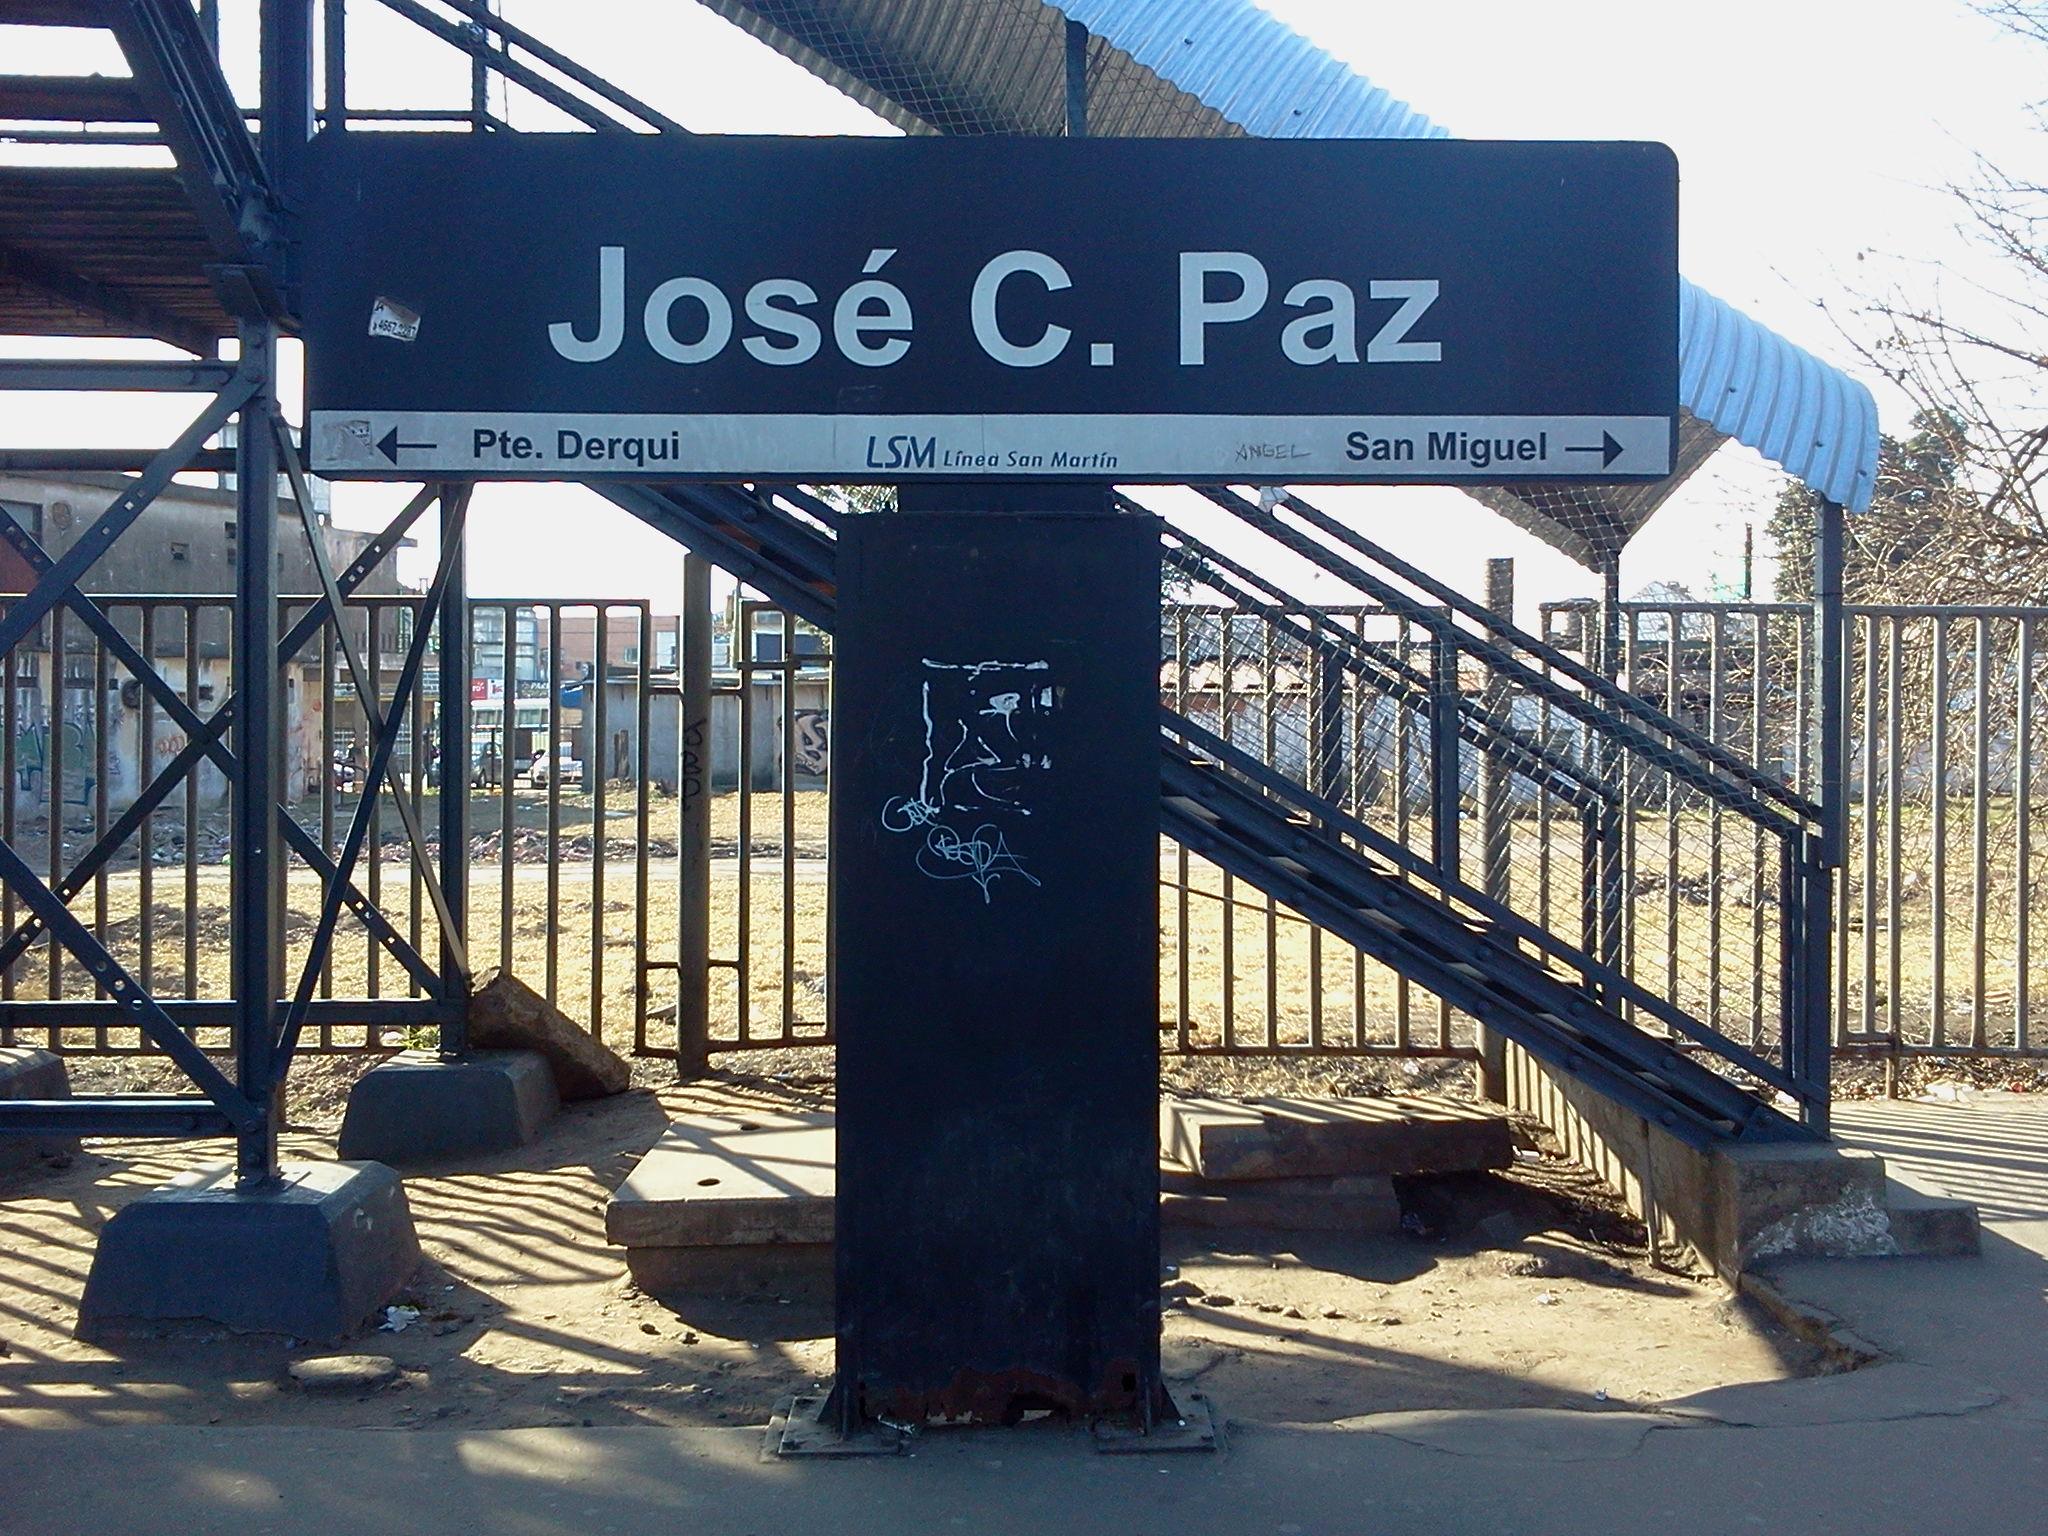 Archivo Estacion Jose C Wikipedia La